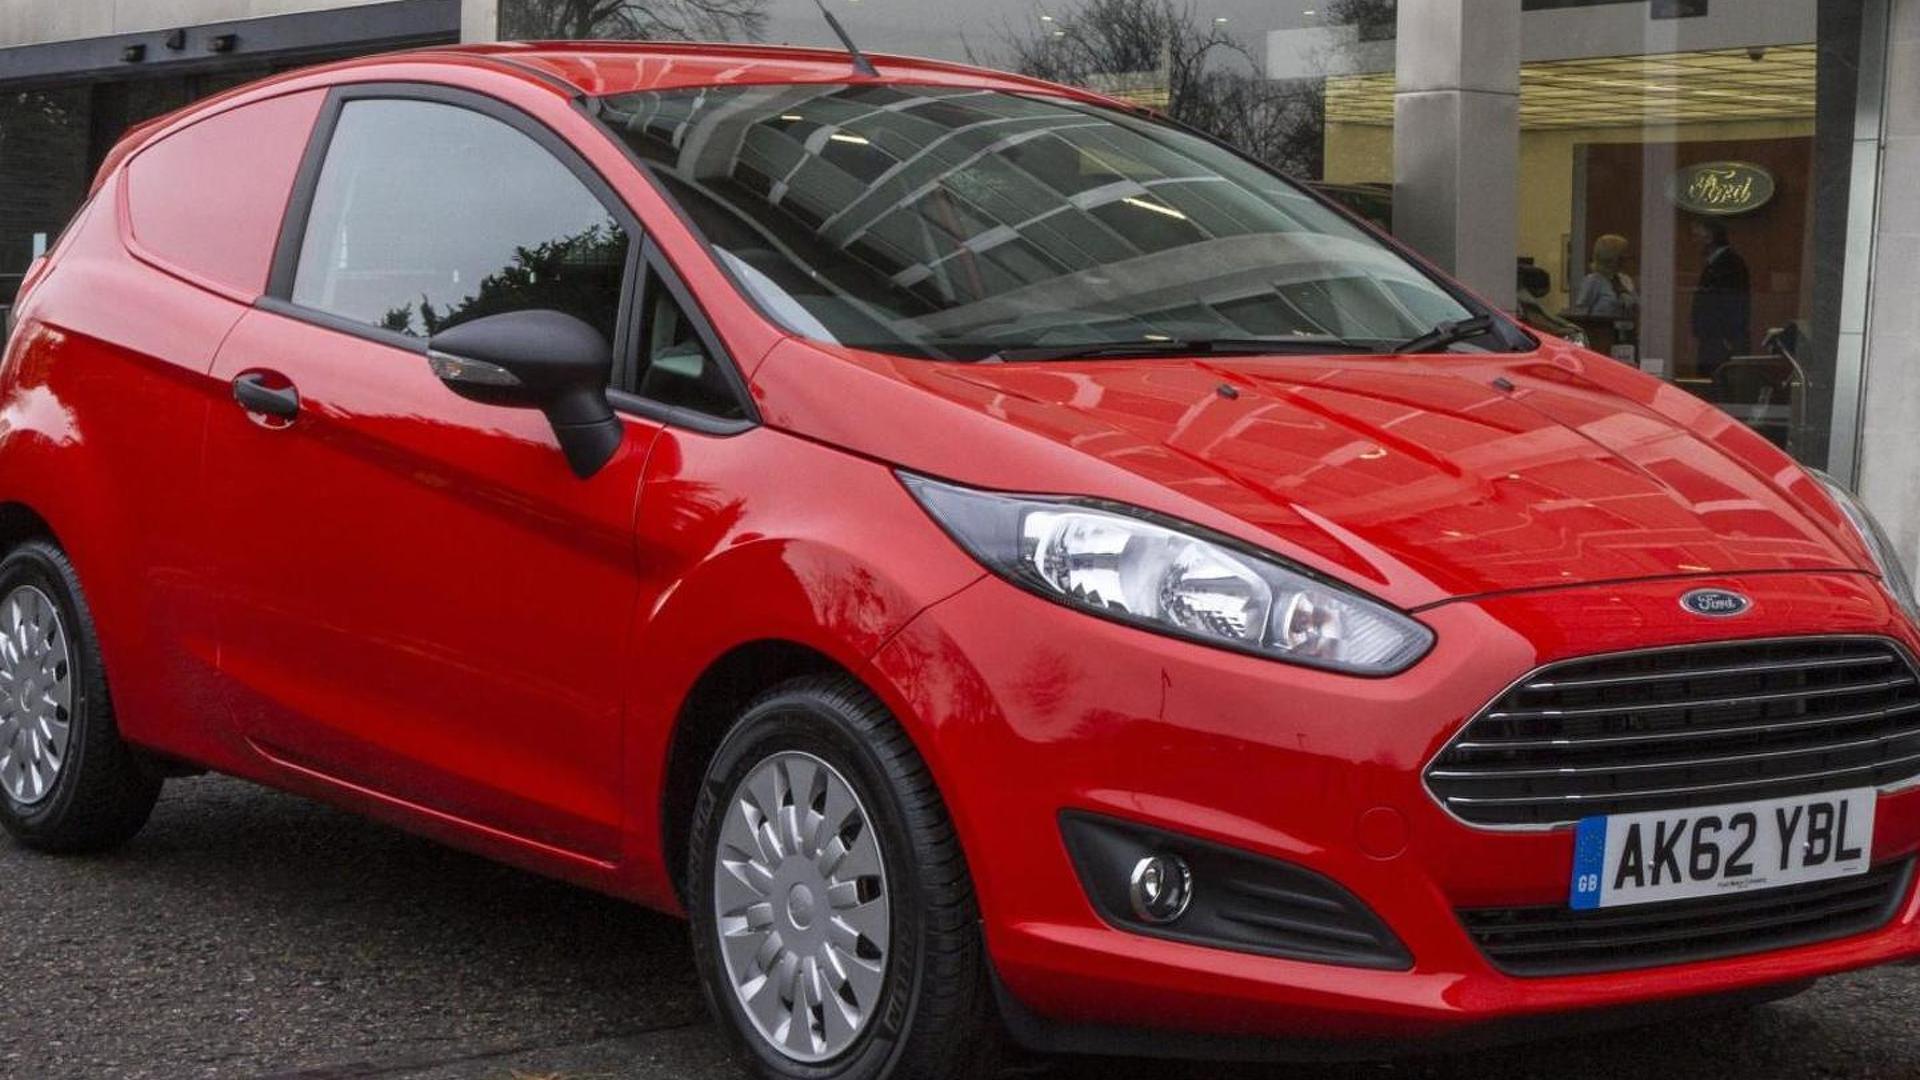 Ford Fiesta Van revealed [video]